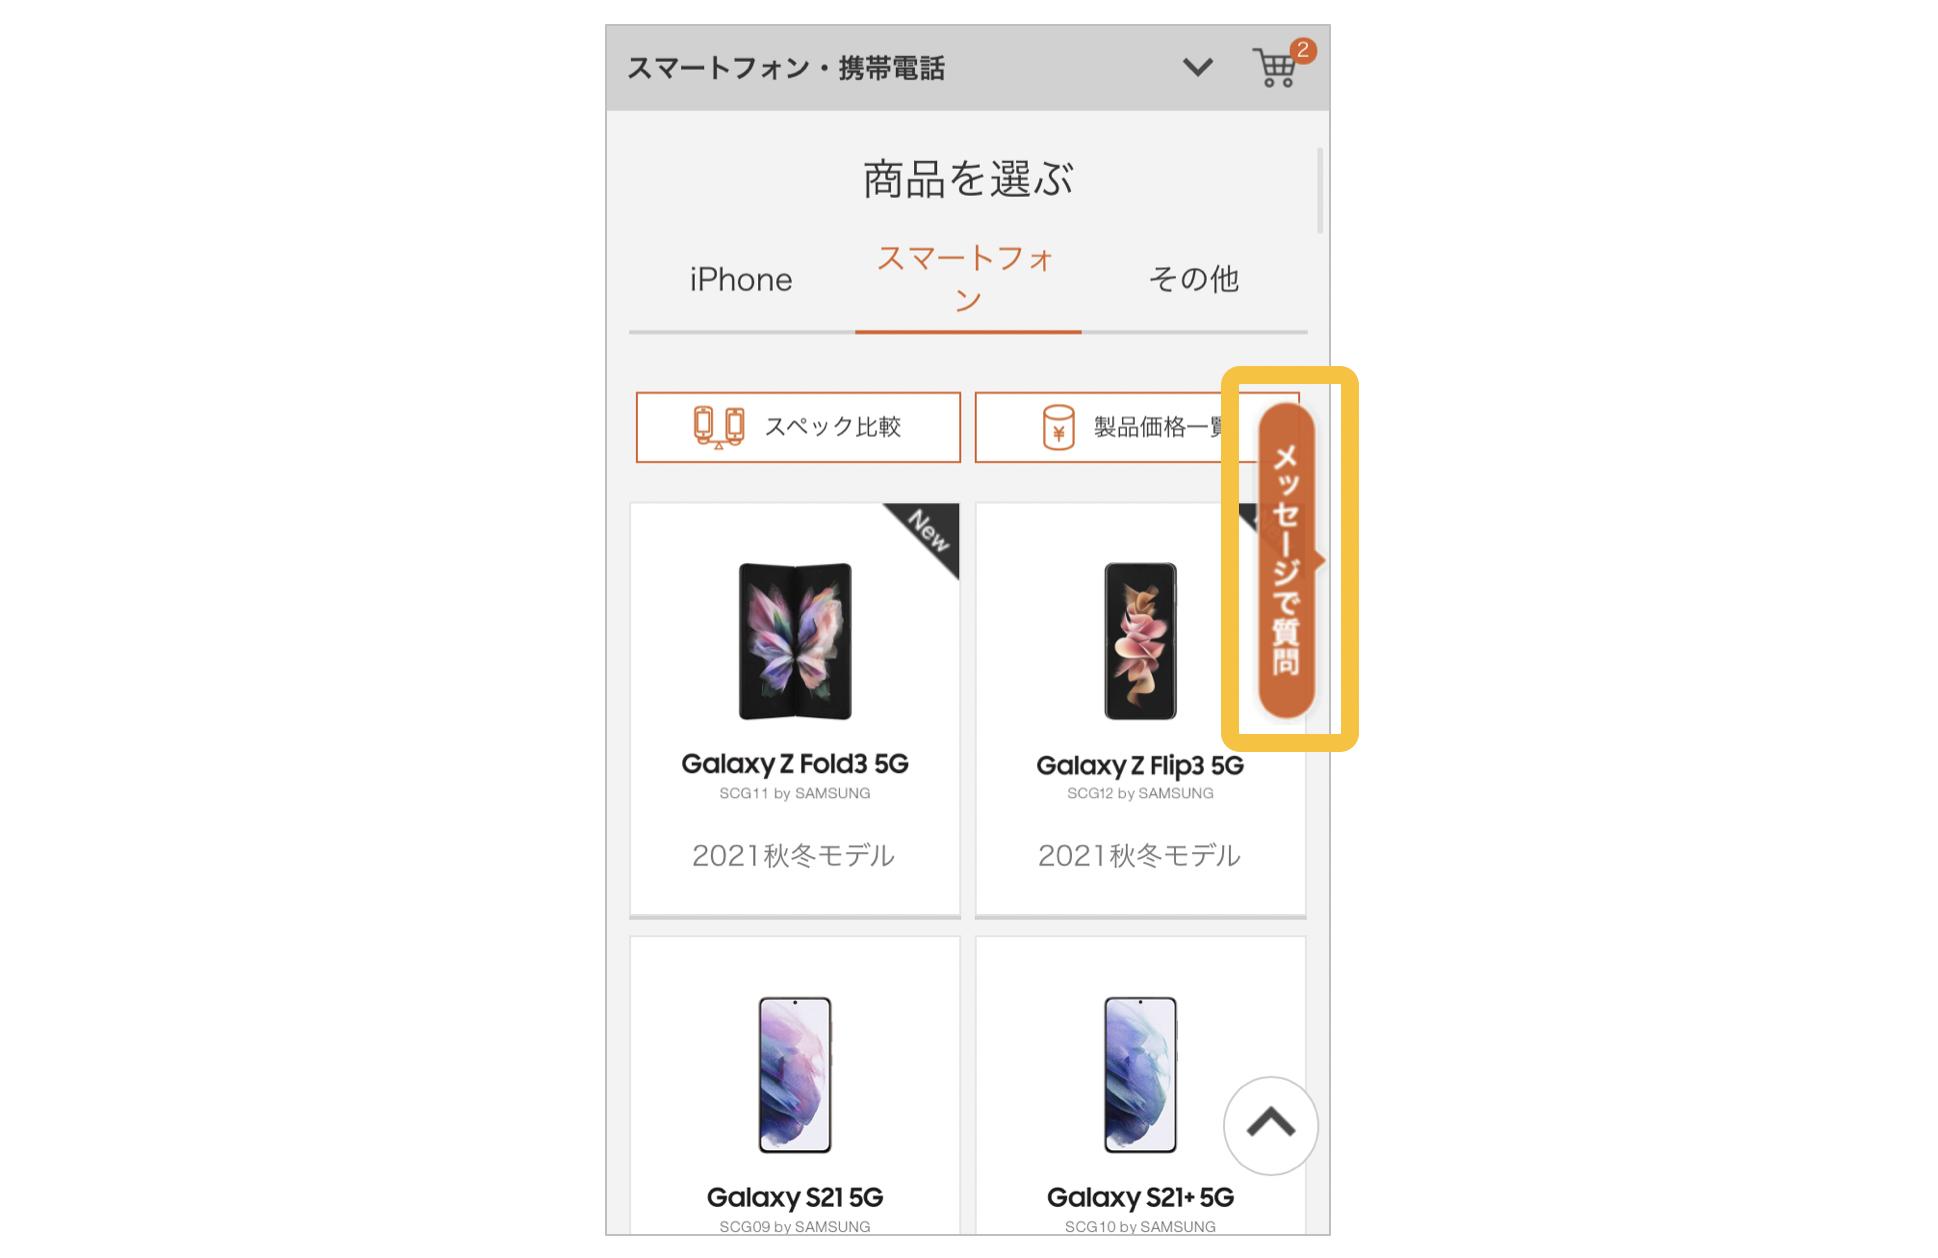 auオンラインショップにおけるメッセージサポート画面